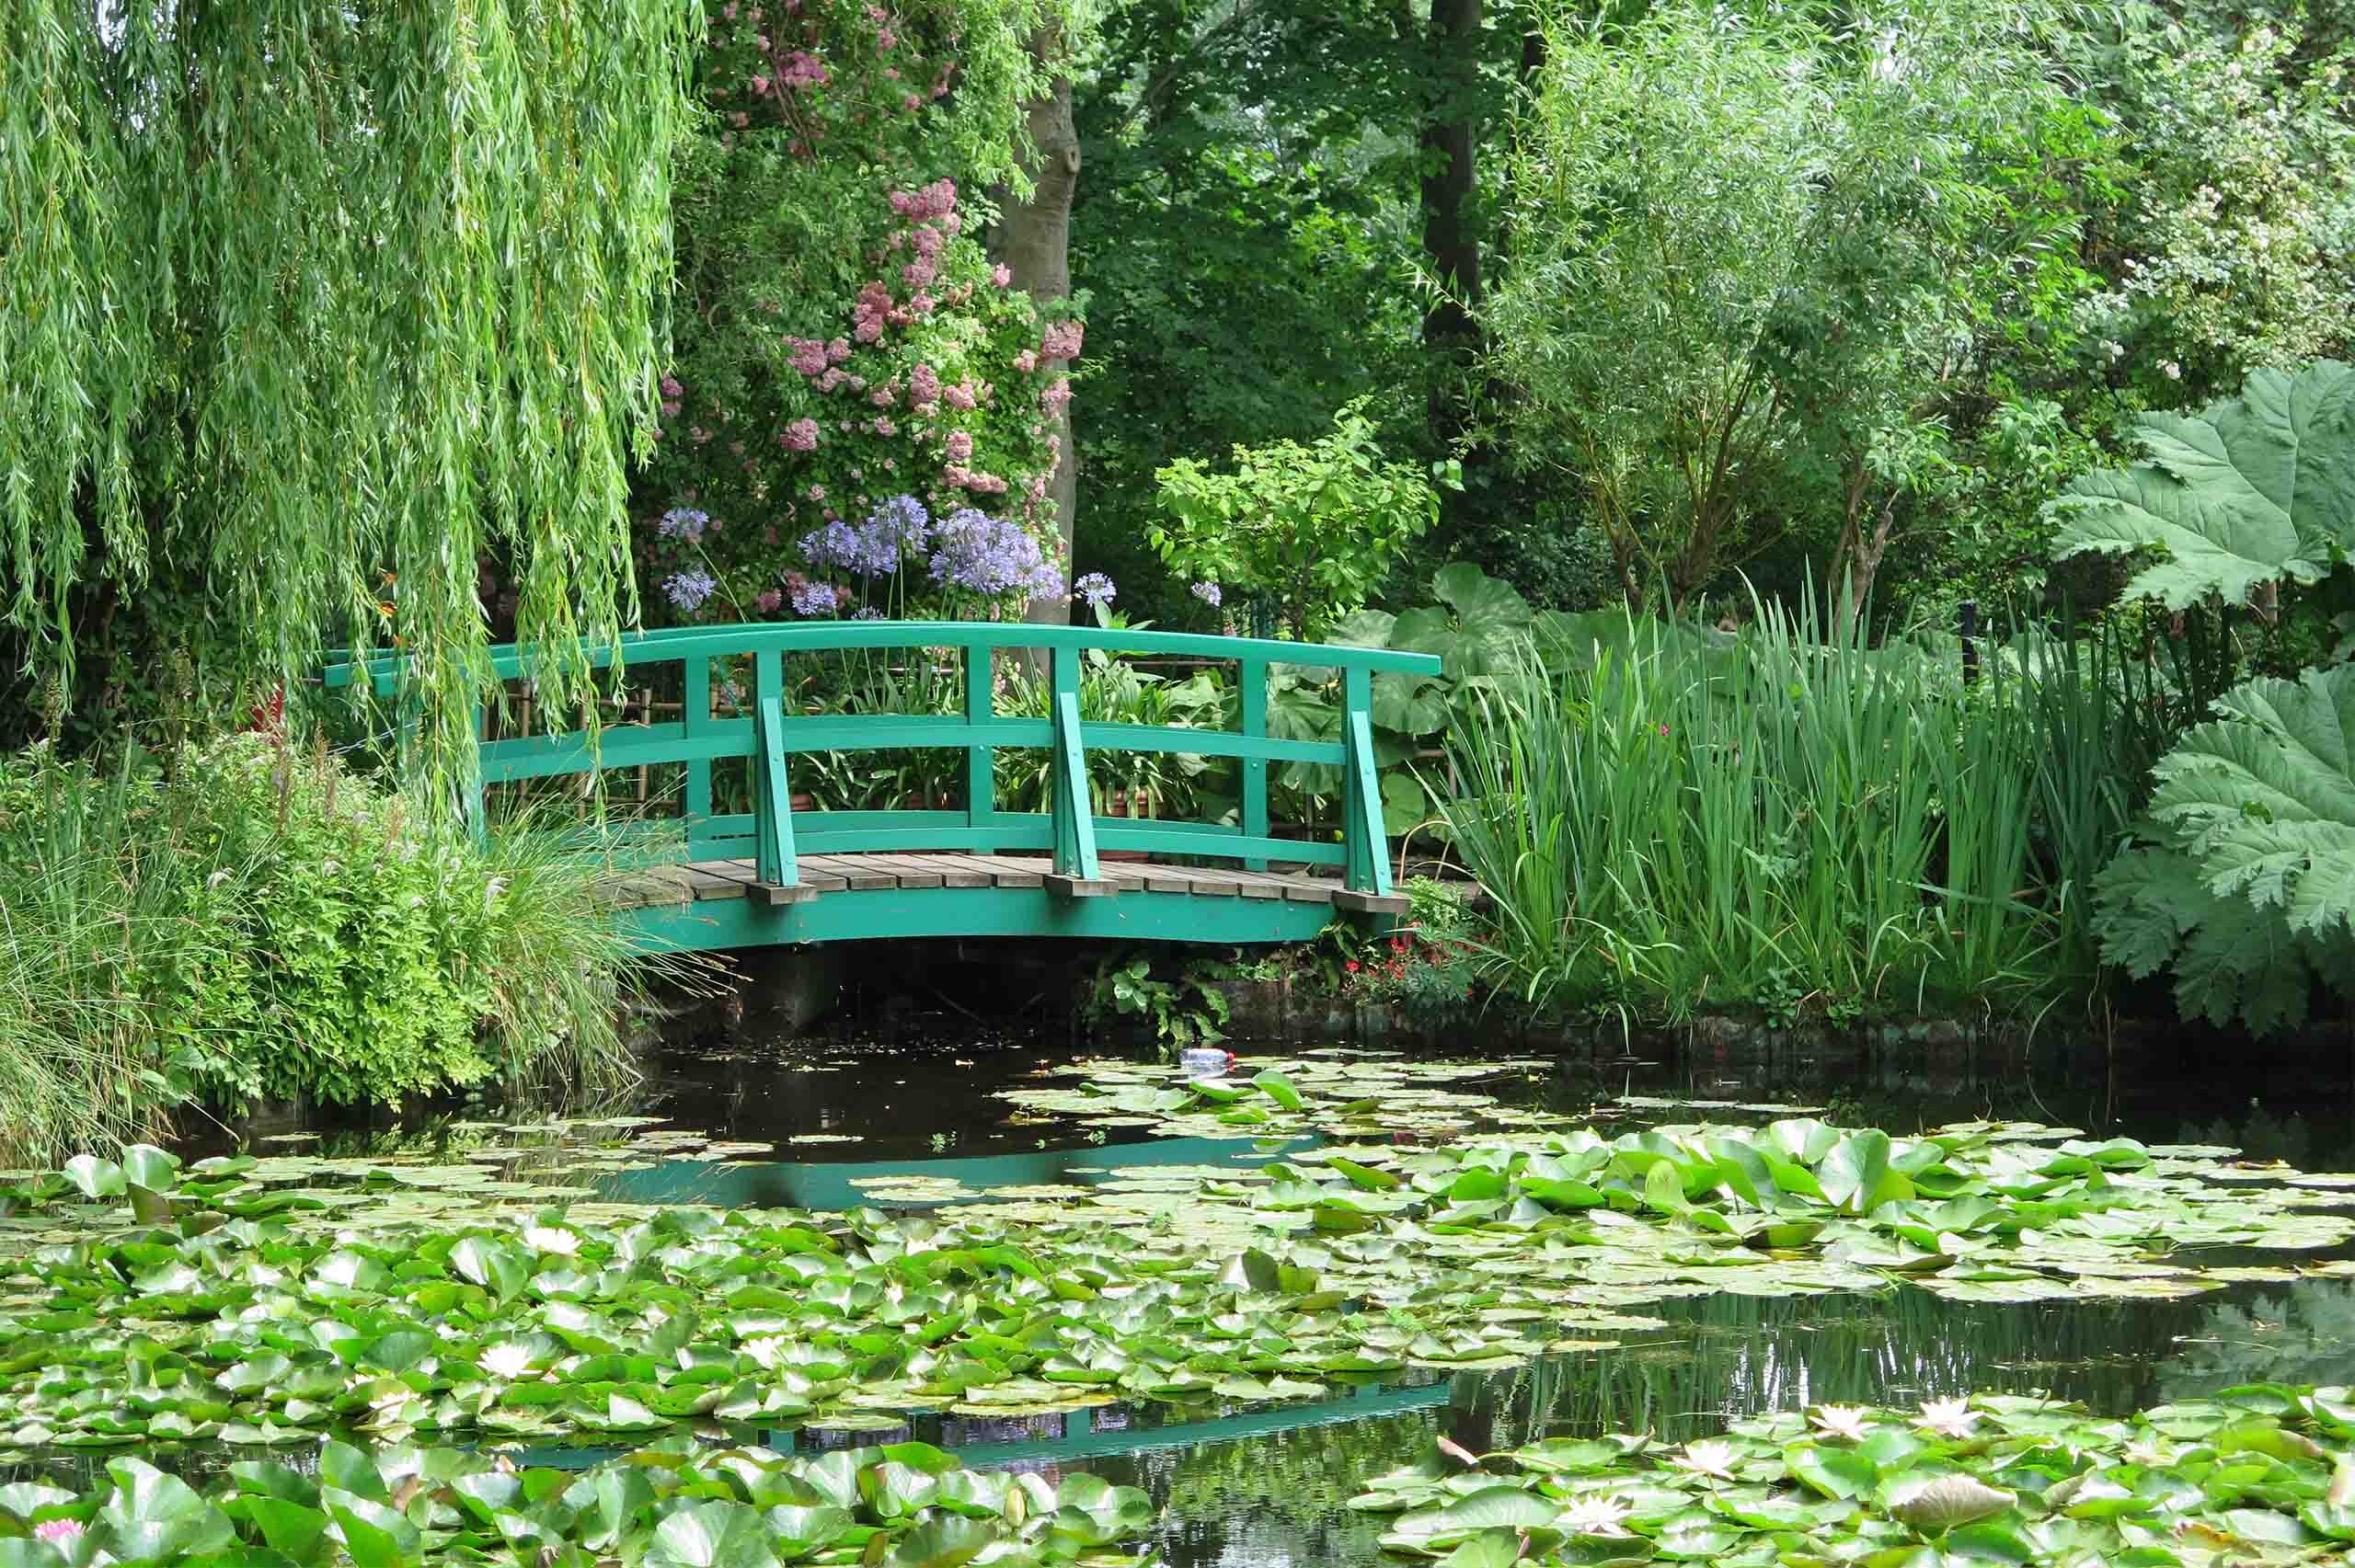 Séminaire au vert <br>à Giverny Vernon